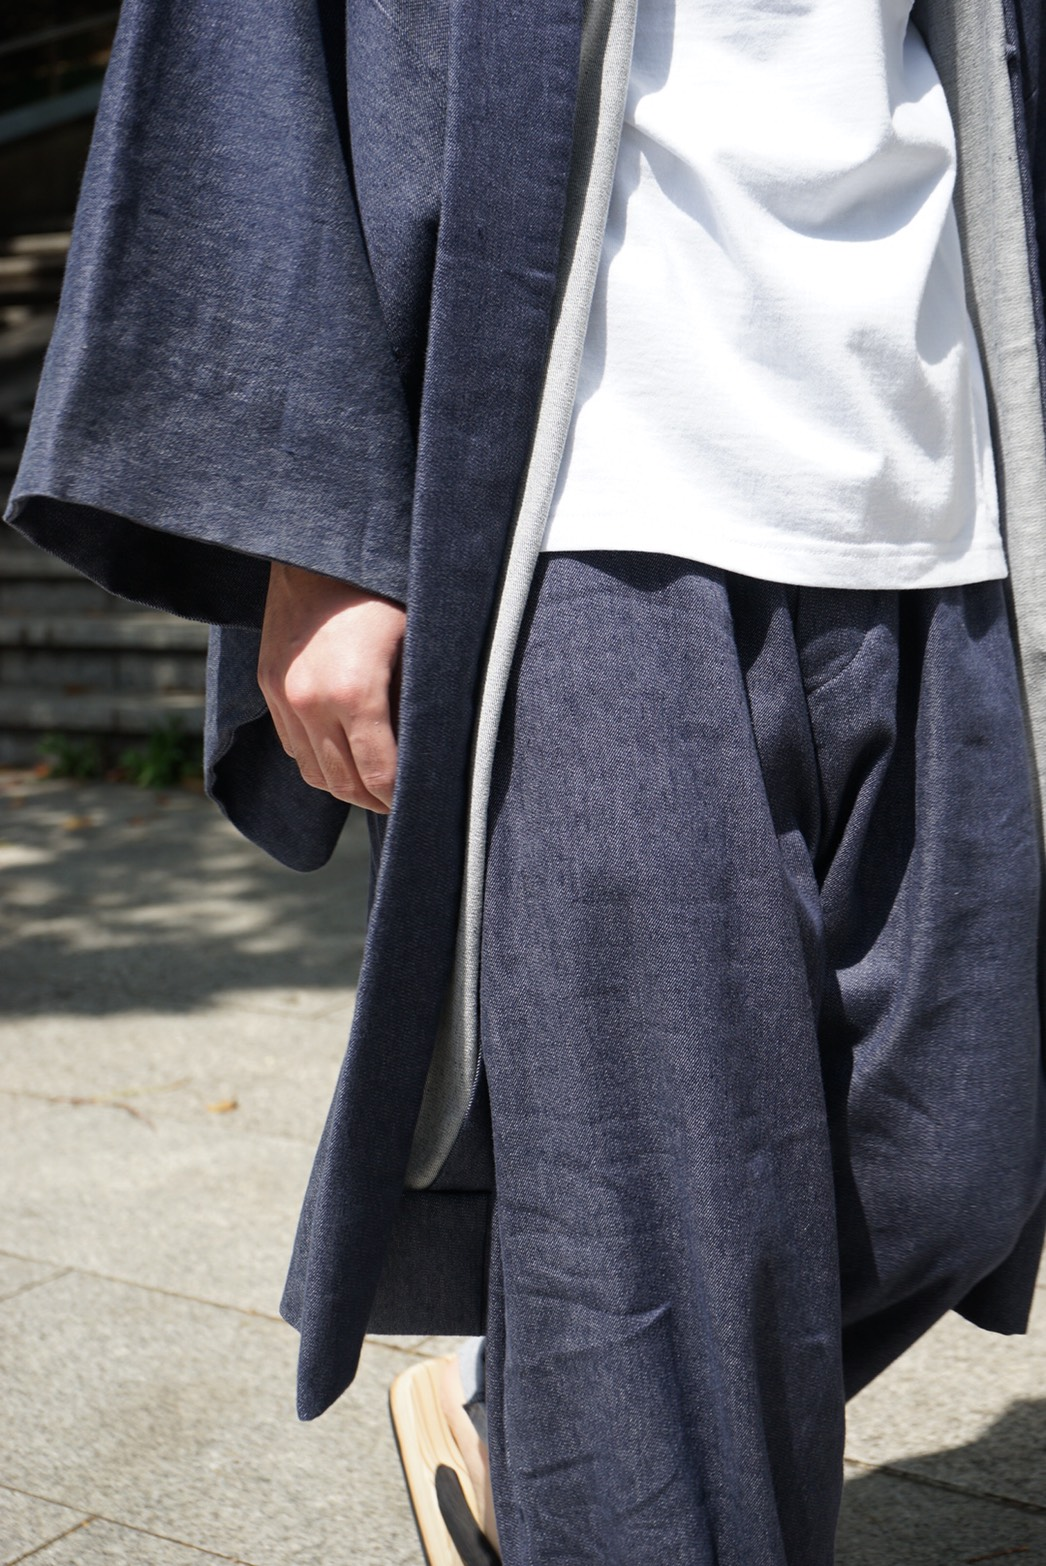 【Y. & SONS神田】2021SS商品のスタイリング紹介